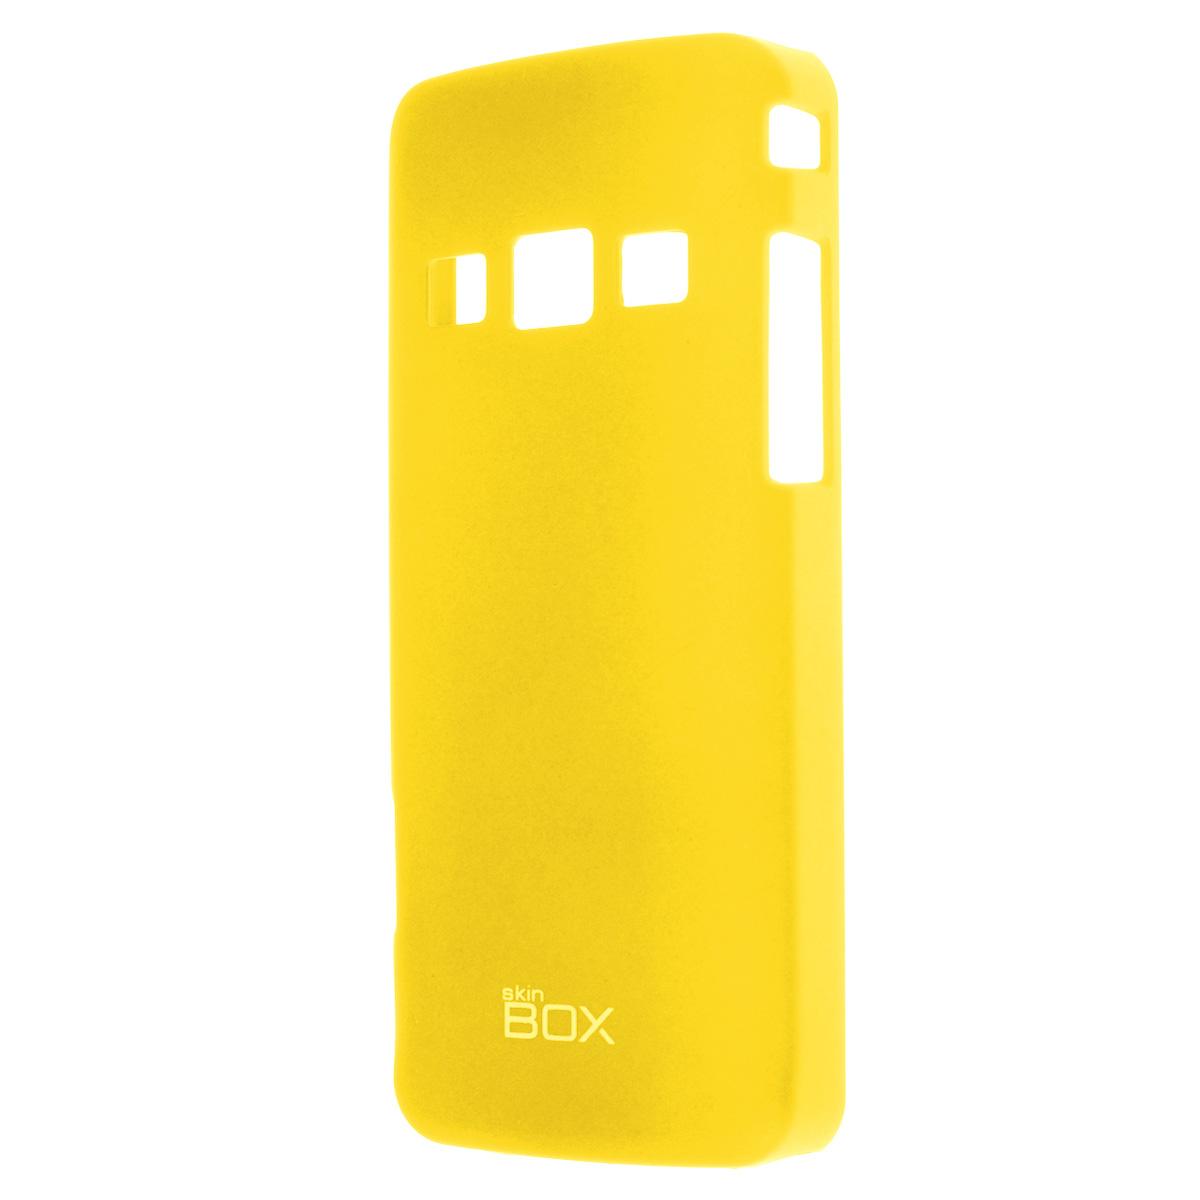 Skinbox Shield 4People чехол для Samsung S5610/5611, YellowT-S-SS5610-002Накладка Skinbox Shield 4People для Samsung S5610/5611- отличный аксессуар для защиты корпуса вашего смартфона от внешних повреждений, сохраняющий размеры устройства и обеспечивающий удобство работы с ним. Устойчивый к истиранию пластик надежно амортизирует мелкие механические воздействия и предотвращает появление царапин или потертостей на корпусе вашего гаджета. В комплект также входит защитная пленка для экрана смартфона.